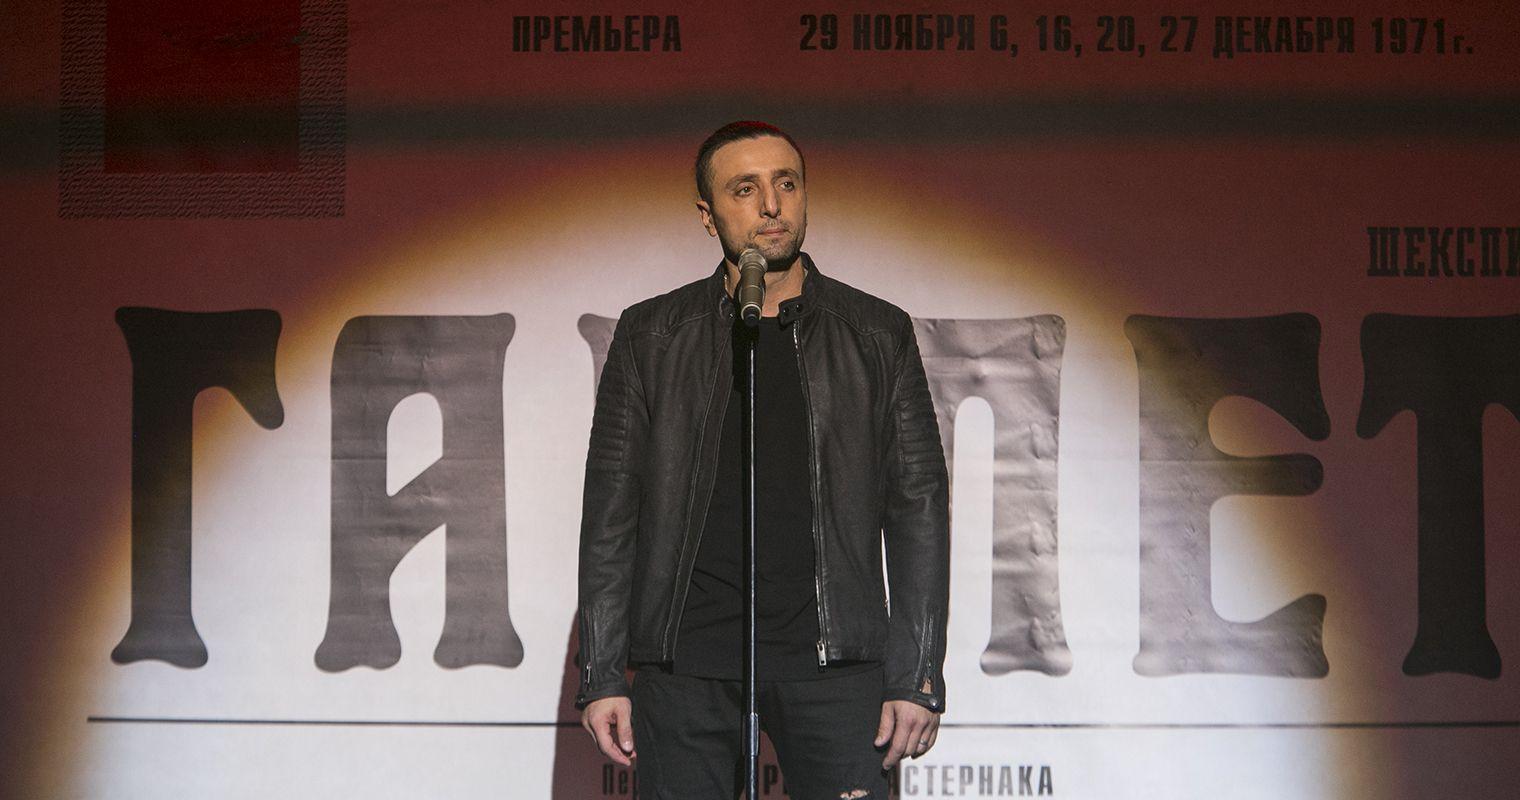 Карташов Дмитрий - фото 9